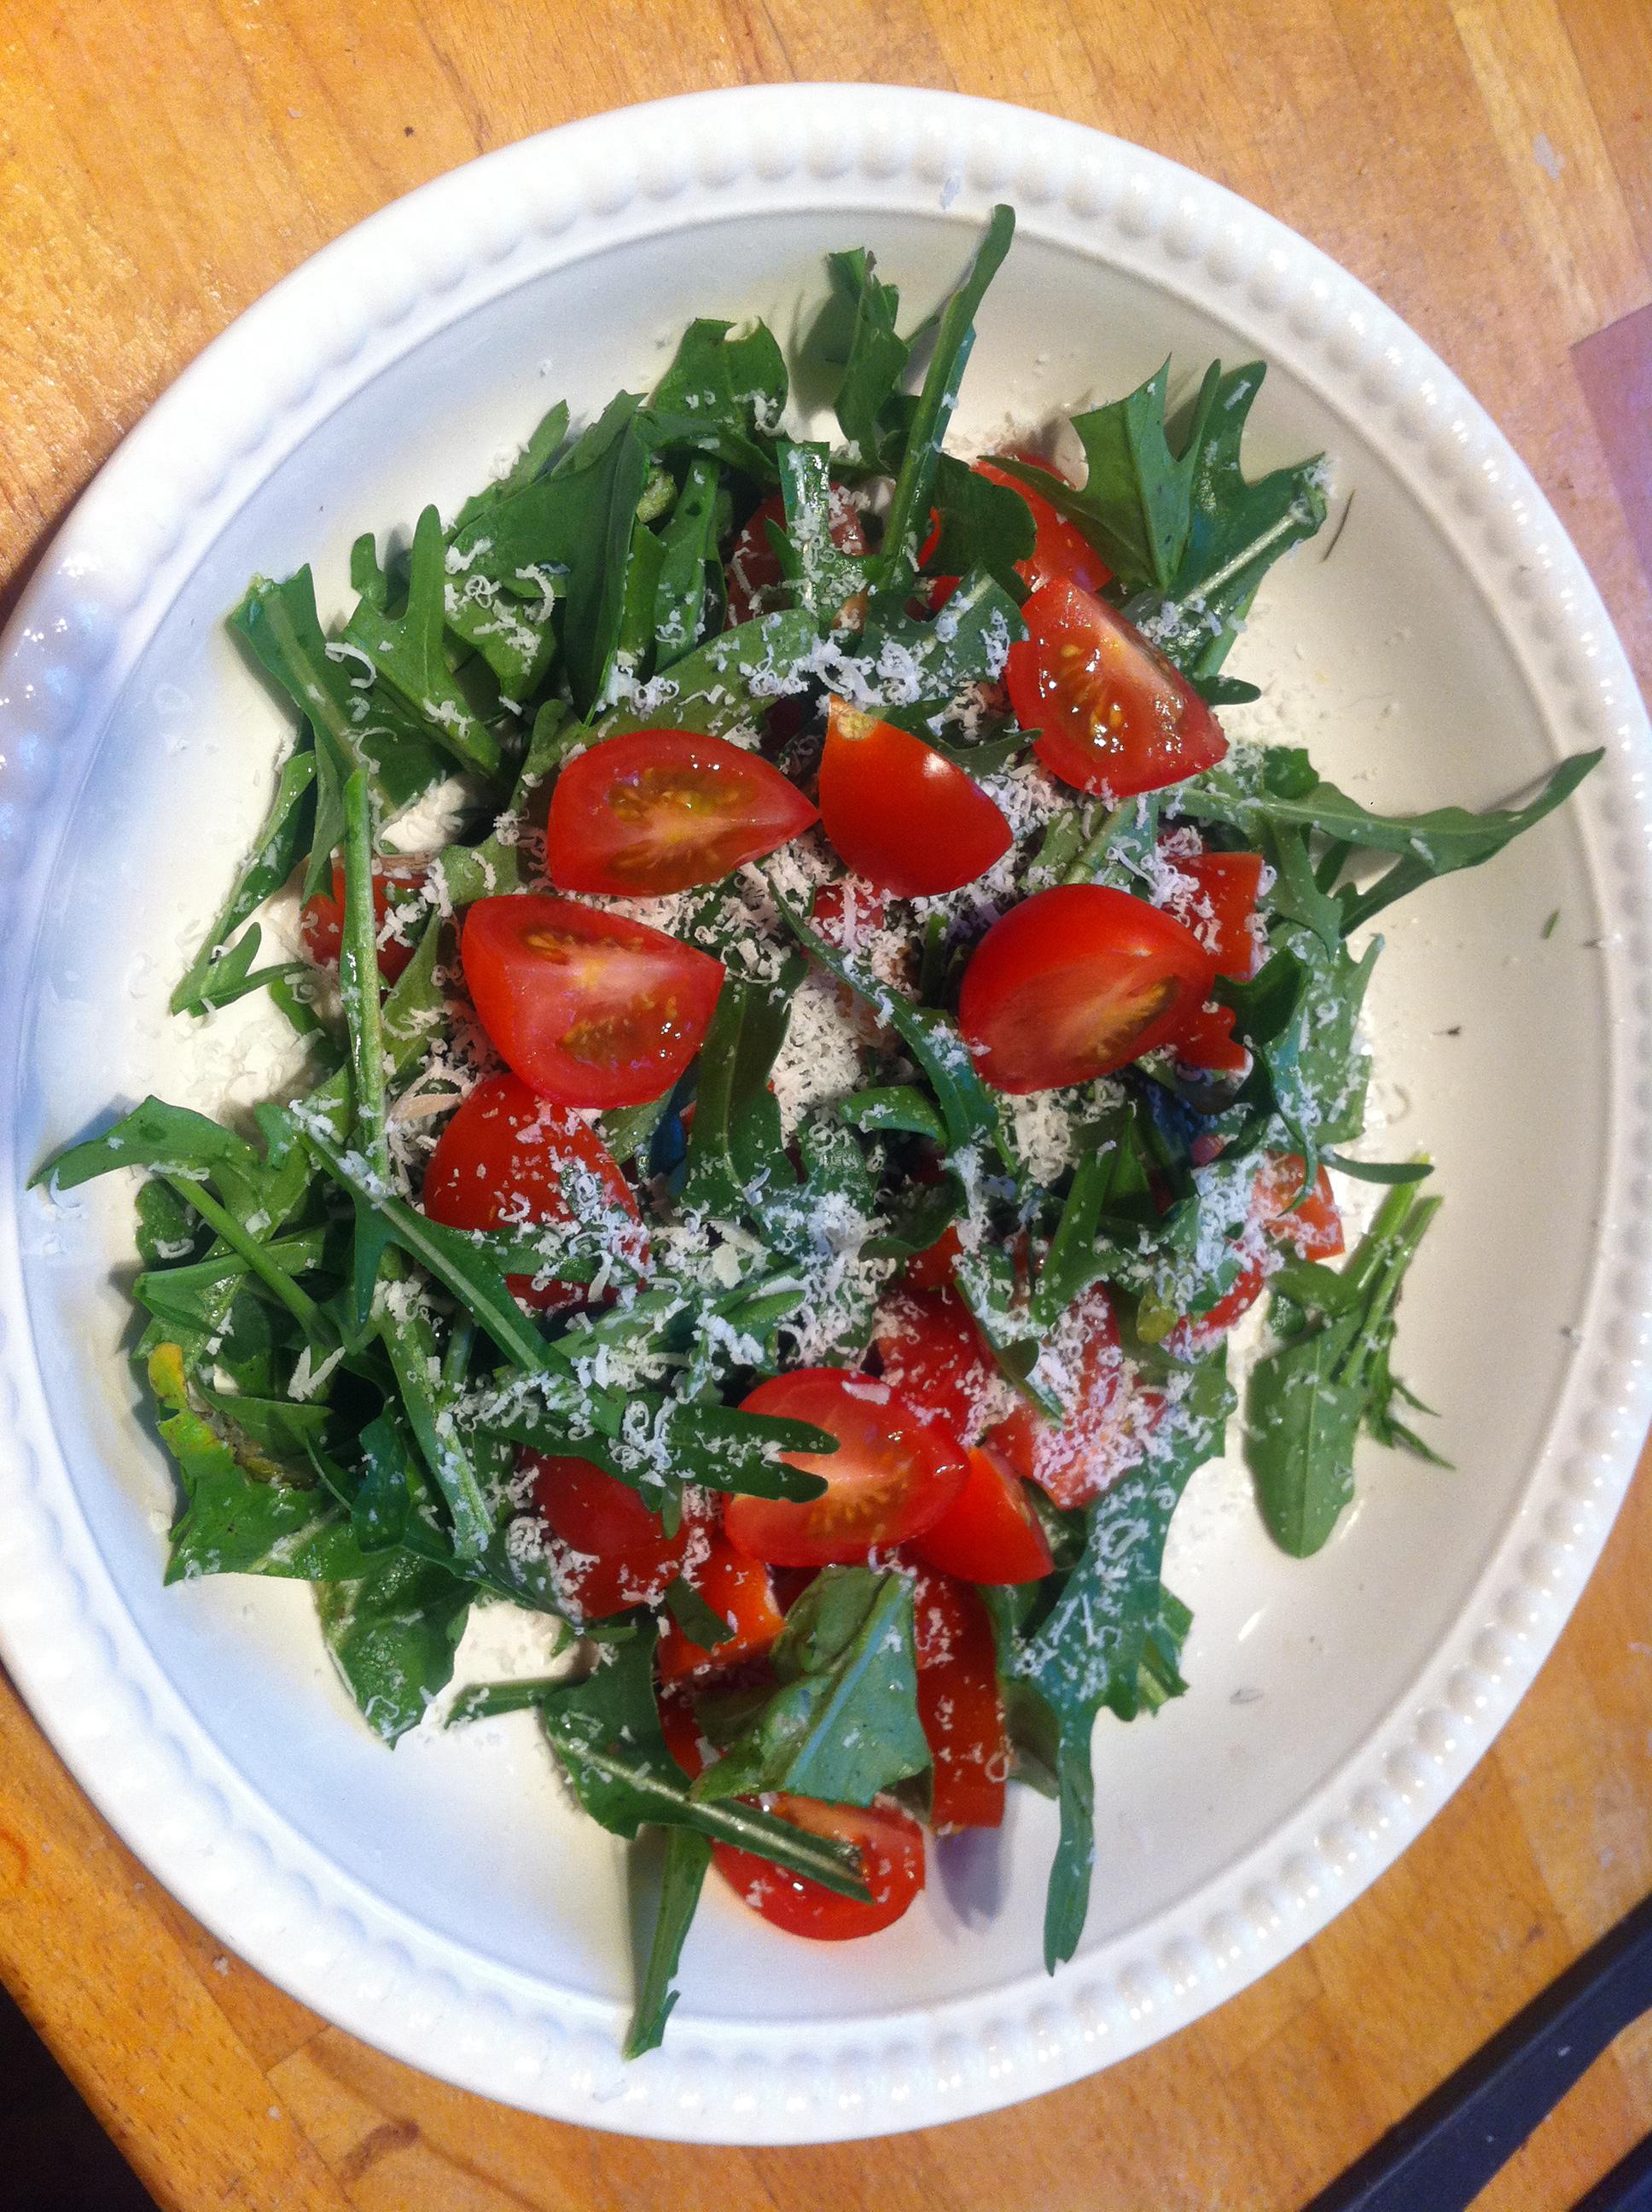 Denne salaten har jeg laget med ruccola fra egen hage og tomater fra vinduskarmen, men det går fint å kjøpe ingrediensene også. Jeg bruker den som tilbehør til all slags […]